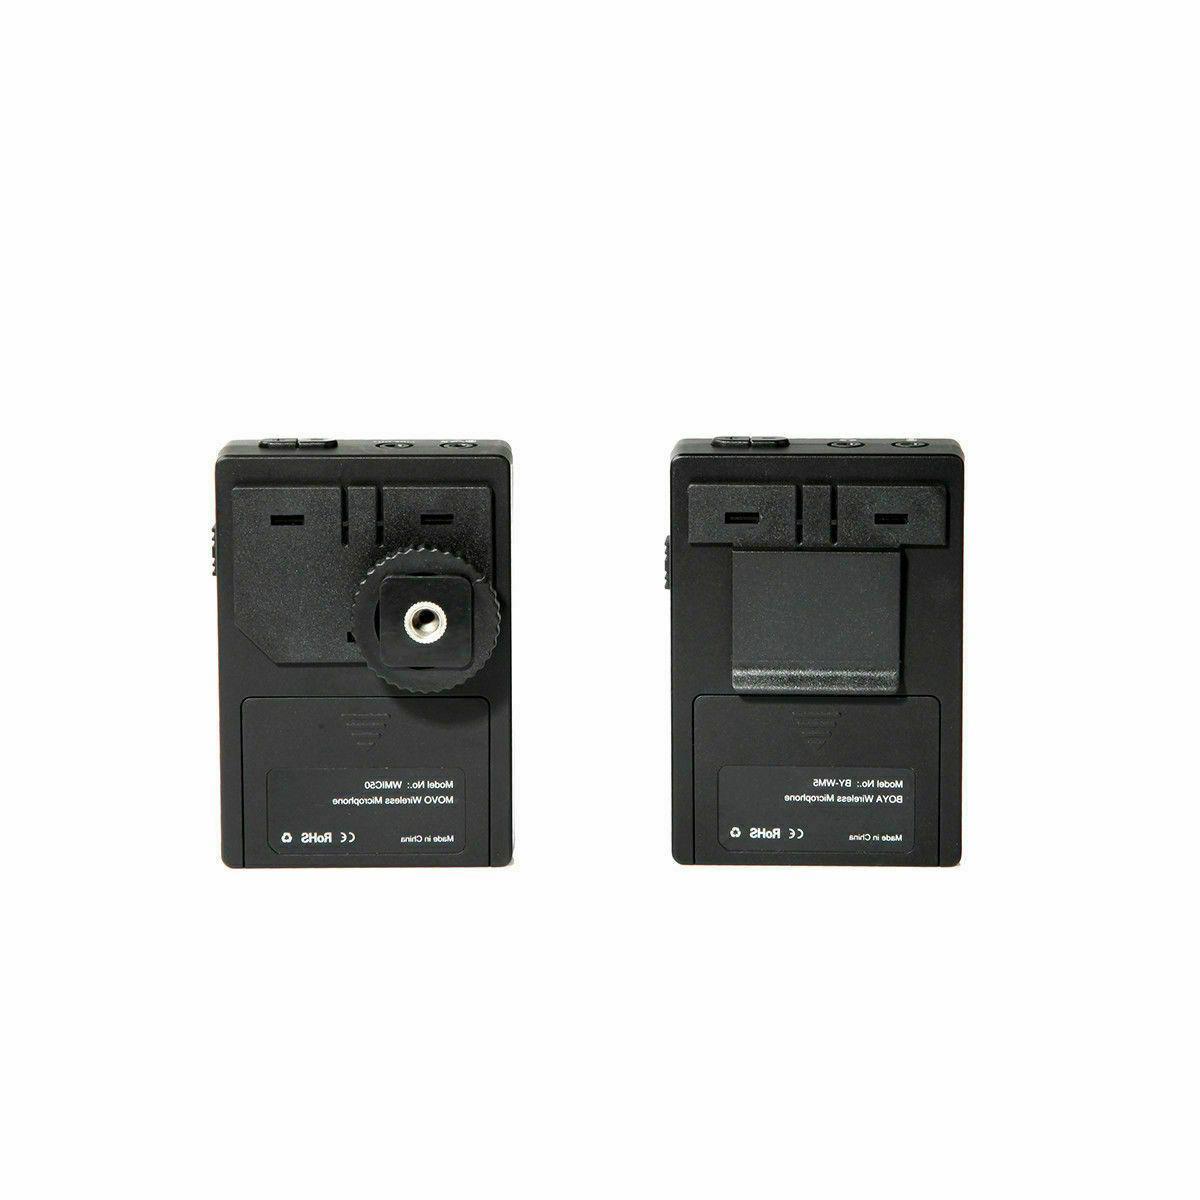 BOYA BY-WM5 Wireless System For